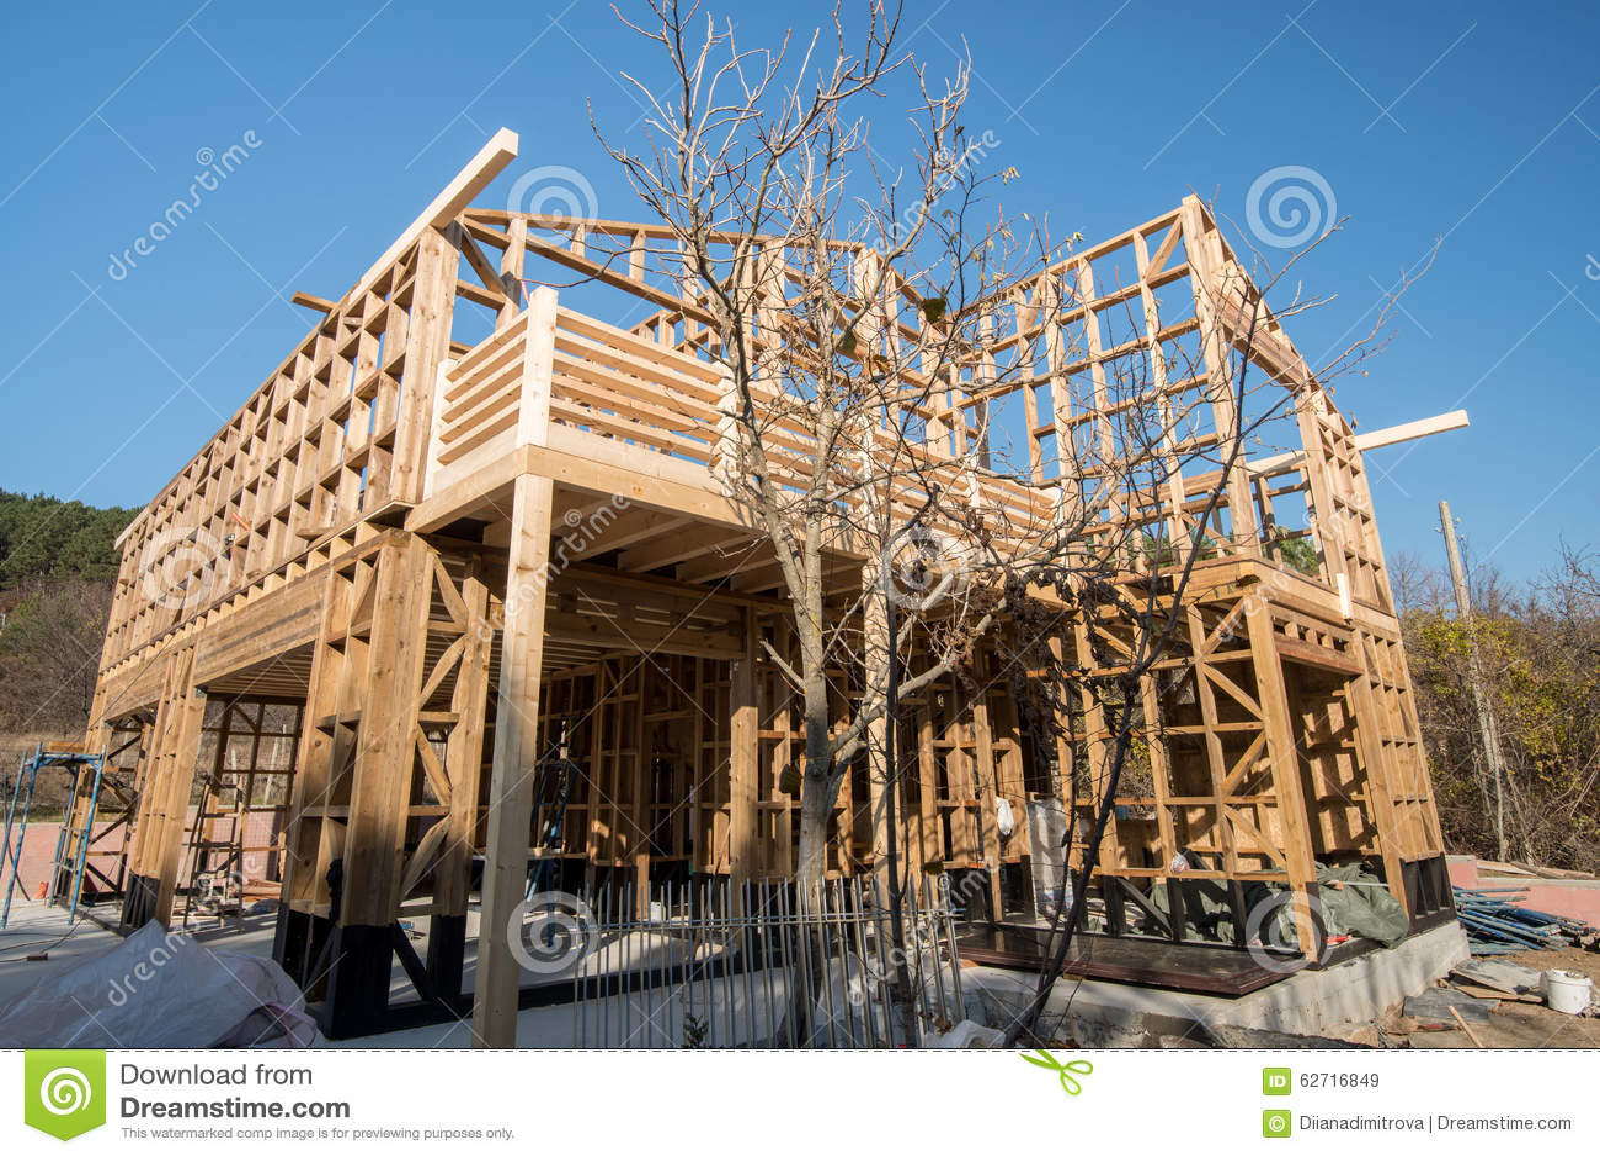 Ξύλινο πλαίσιο του σπιτιού κάτω από την κατασκευή